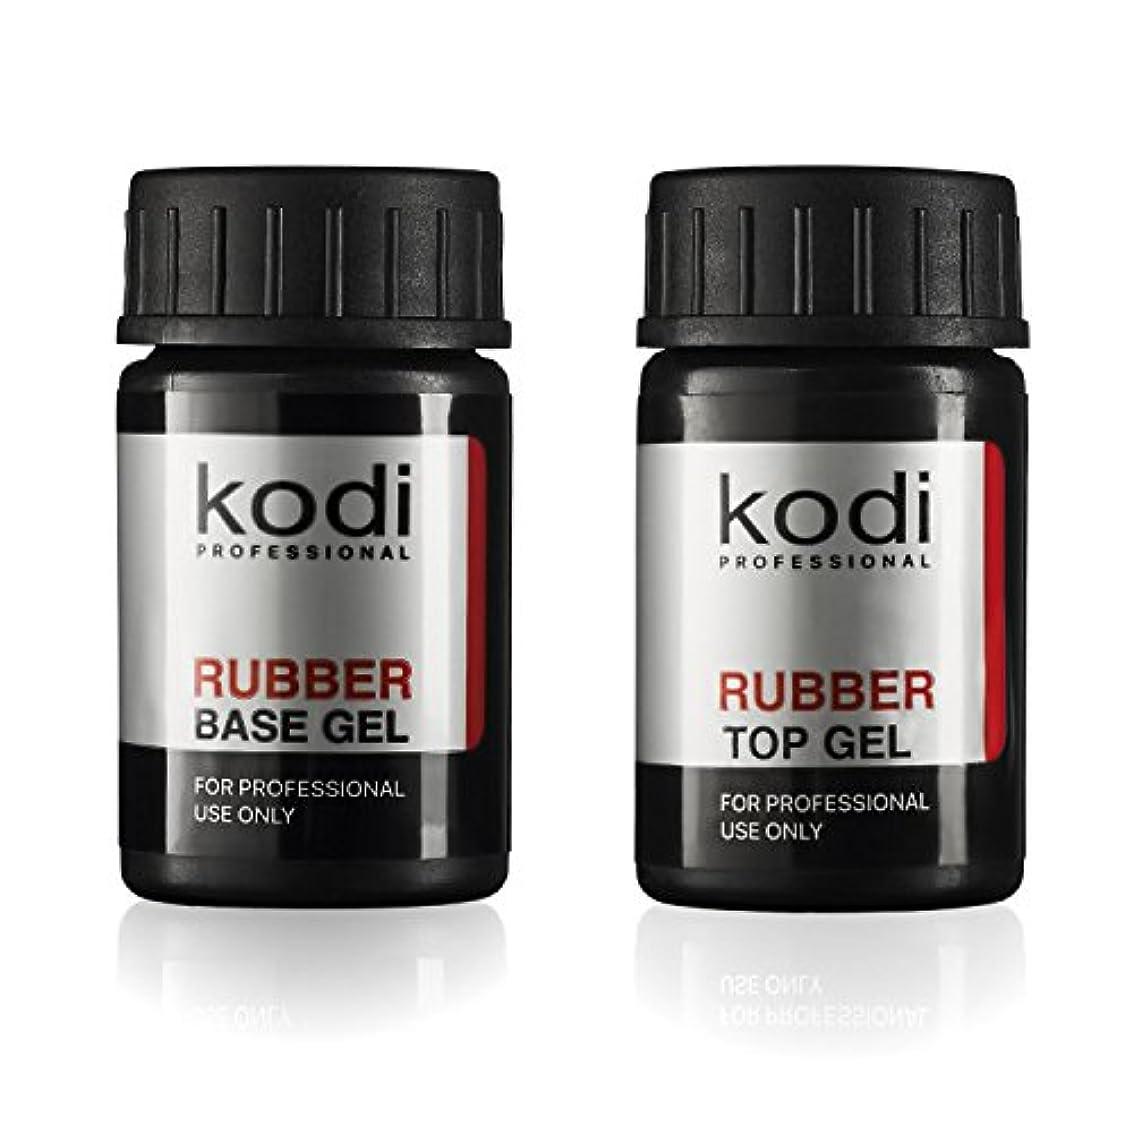 汚れた構成する永続Kodi プロフェッショナルラバートップ&ベースジェルセット| 14ml 0.49オンス|爪のソークオフとポリッシュ コートキット|長持ちするネイルレイヤー|使いやすい、無毒&無香料| LEDまたはUVランプの下で硬化